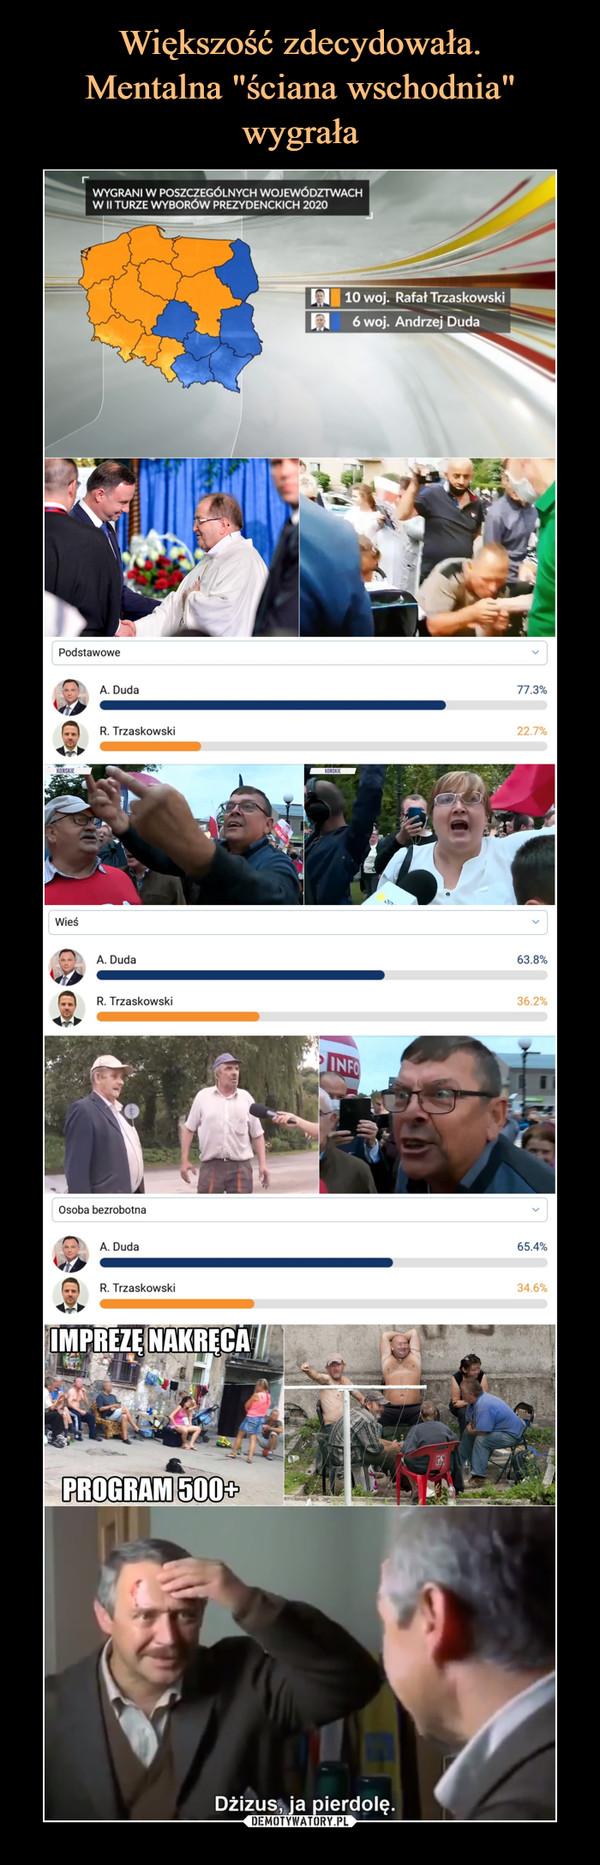 –  WYGRANI W POSZCZEGÓLNYCH WOJEWÓDZTWACHW II TURZE WYBORÓW PREZYDENCKICH 202010 woj. Rafał Trzaskowski6 woj. Andrzej DudaPodstawoweA Duda77.3%R. Trzaskowski22.7%WieśA Duda63.8%R. Trzaskowski36.2%Osoba bezrobotnaA Duda65.4%R. Trzaskowski34.6%IMPREZĘ NAKRĘCAPROGRAM 500+Dżizus, ja pierdolę.